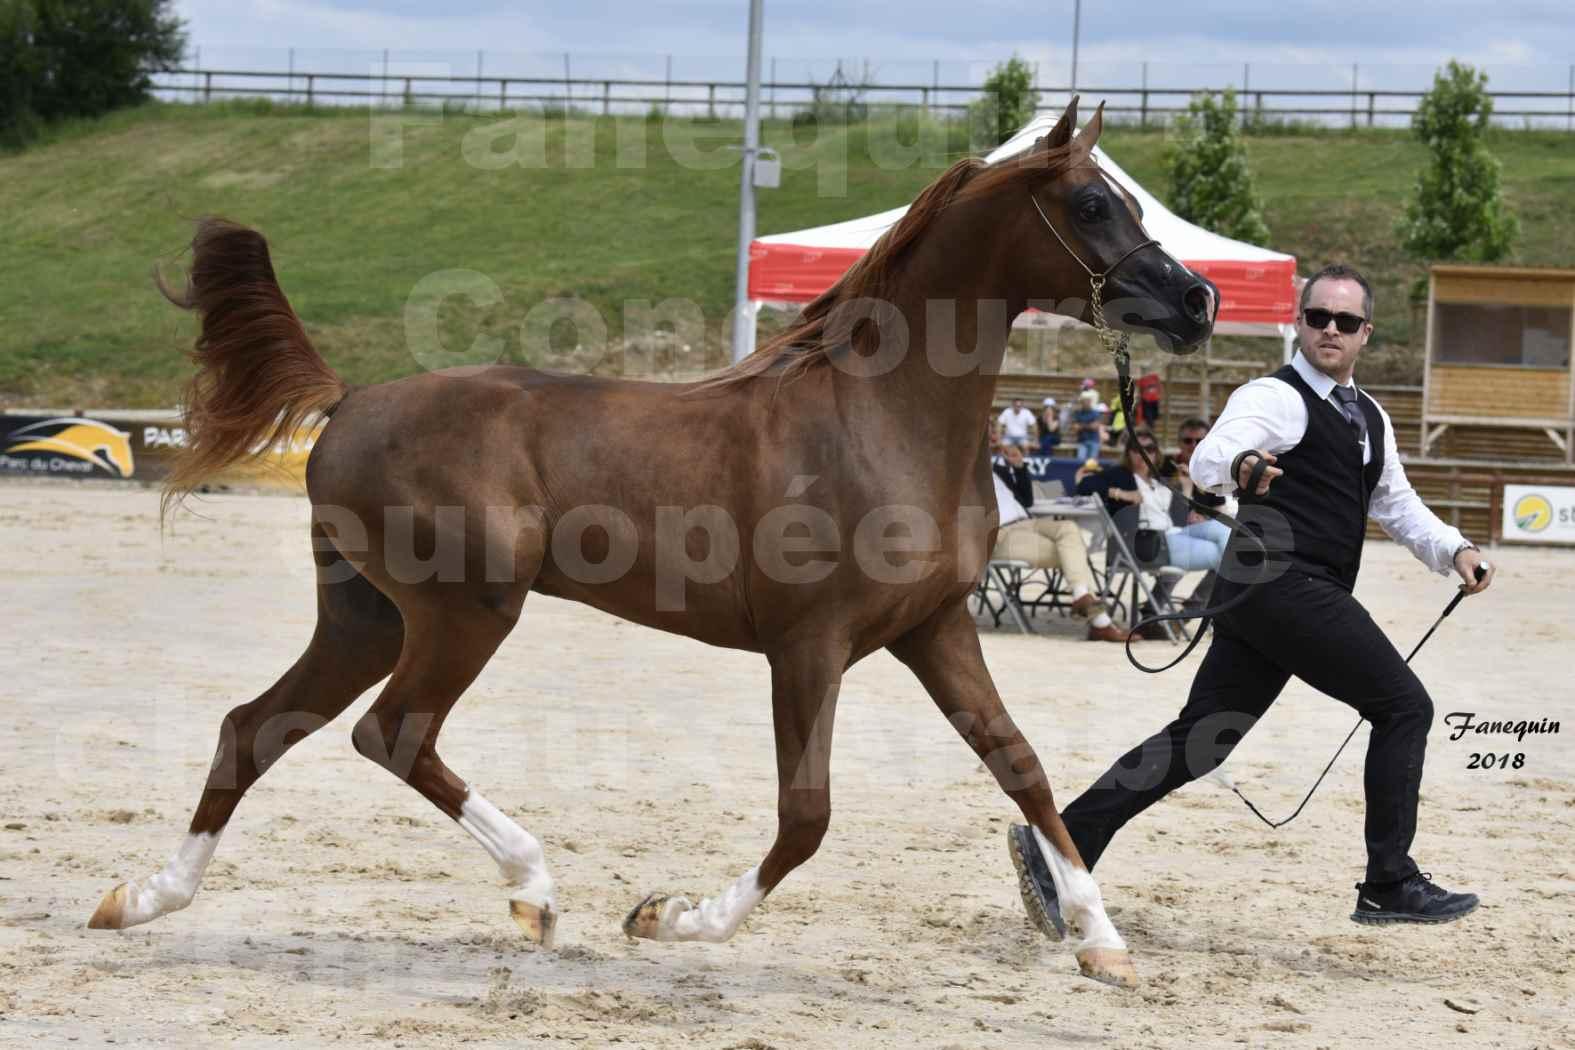 Concours Européen de chevaux Arabes à Chazey sur Ain 2018 - FANTASTIK - Notre Sélection - 4